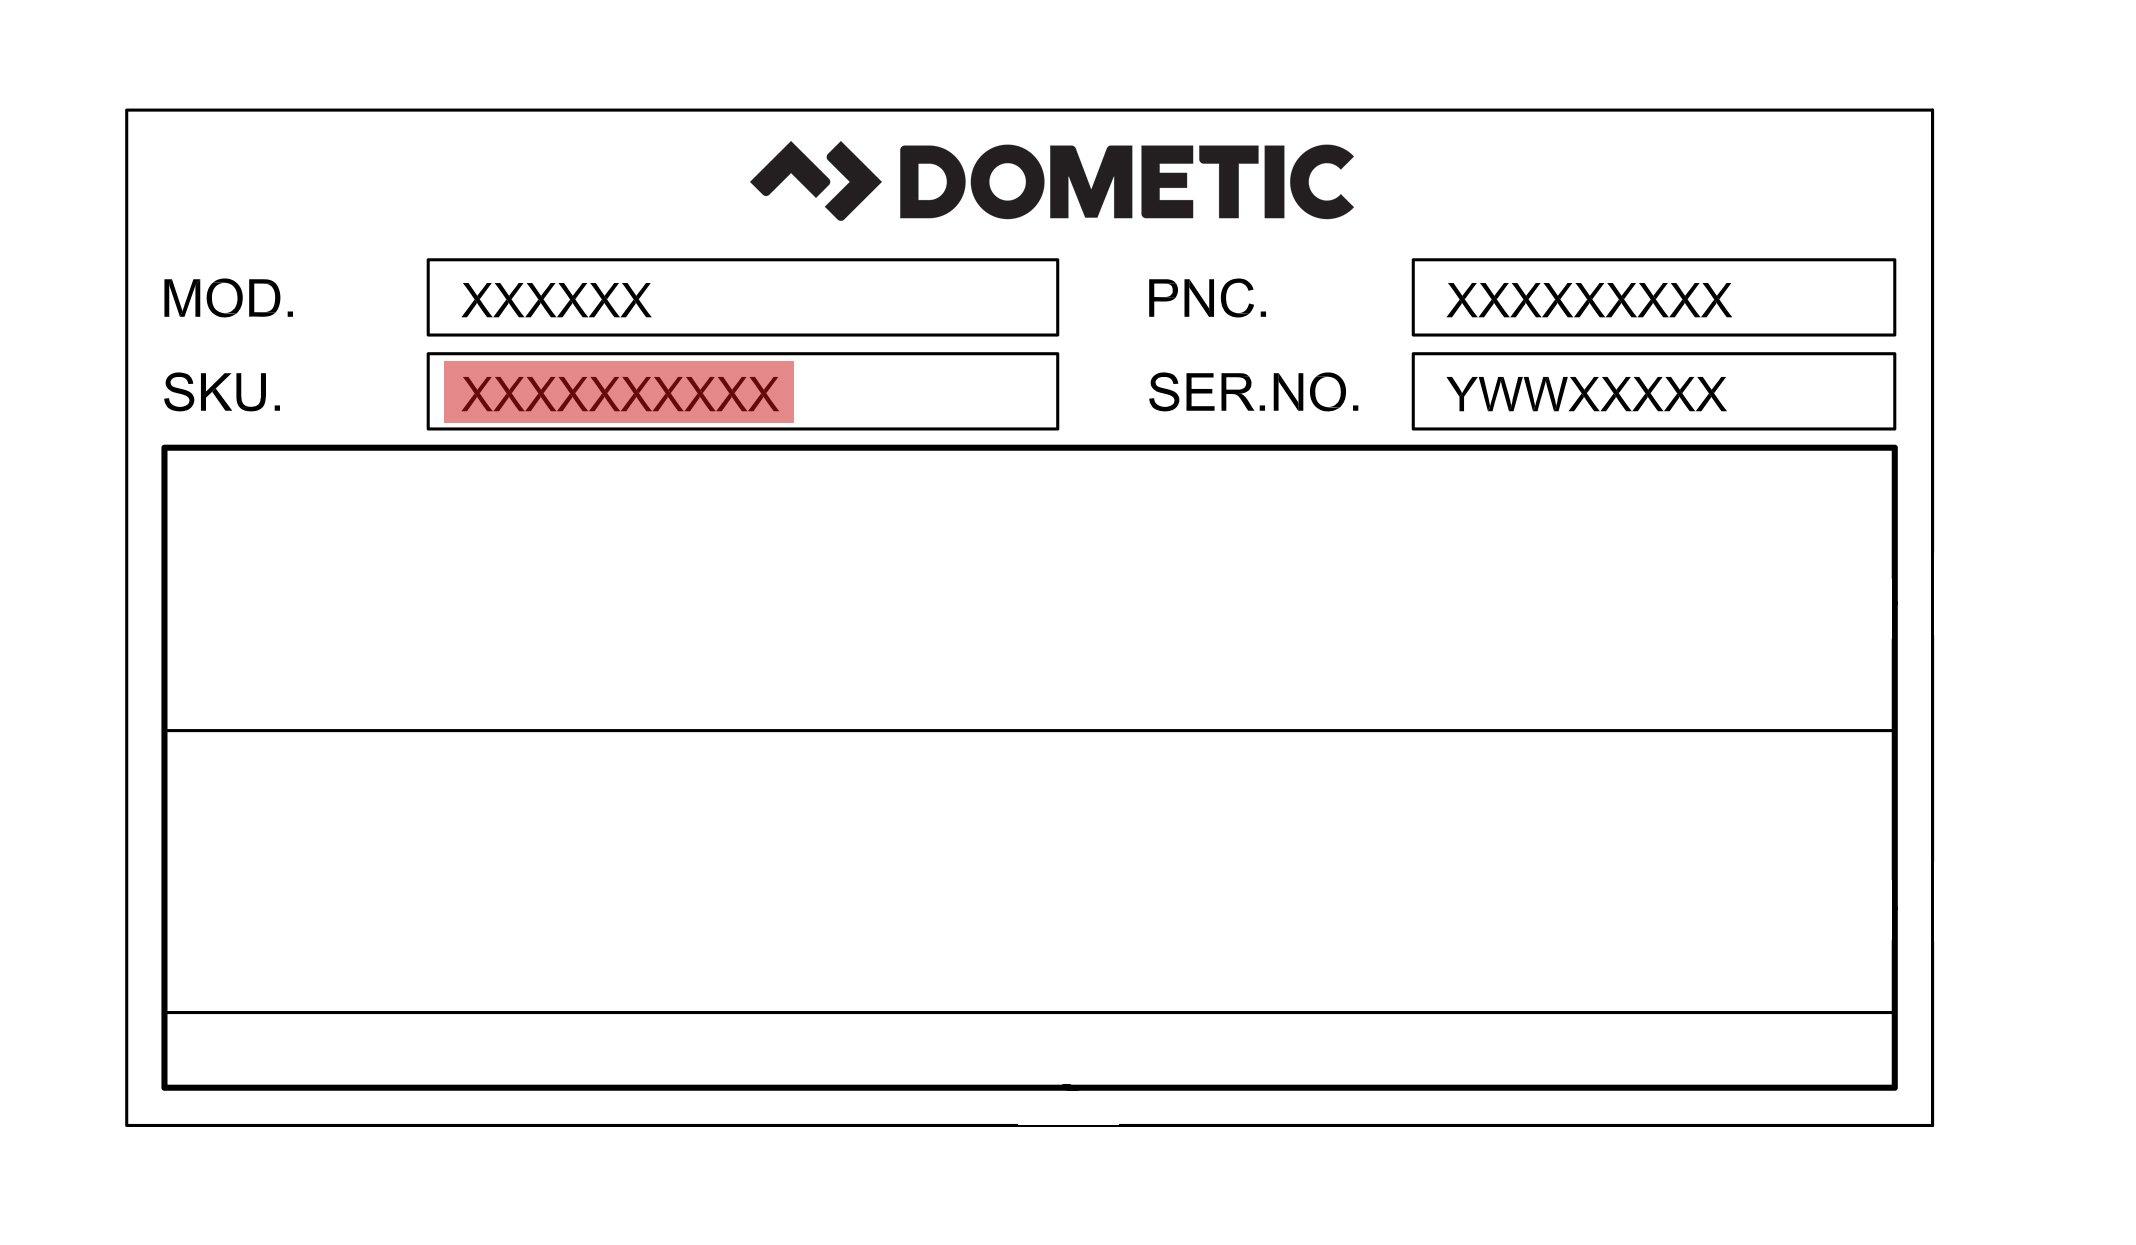 품번을 어디에서 찾을 수 있습니까 Dometic